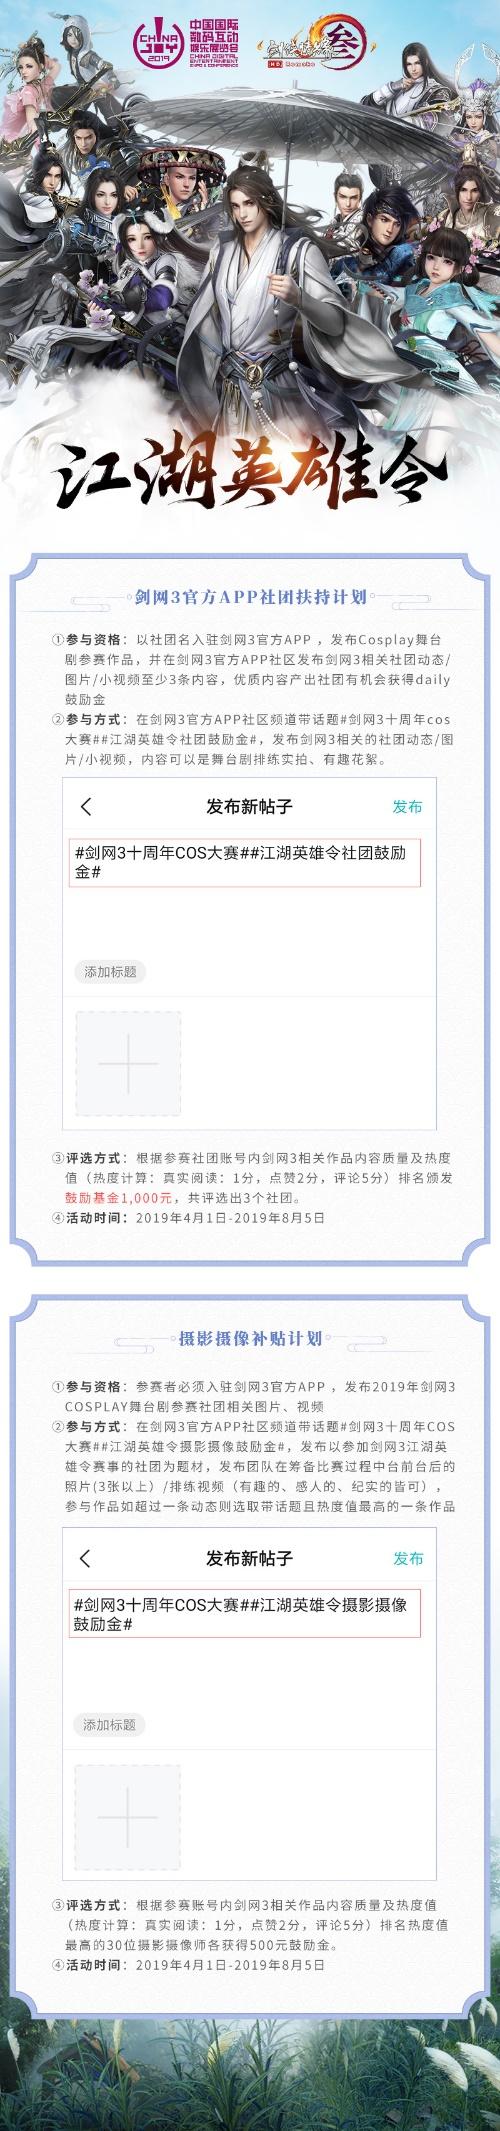 江湖英雄令,剑网三,Cosplay大赛